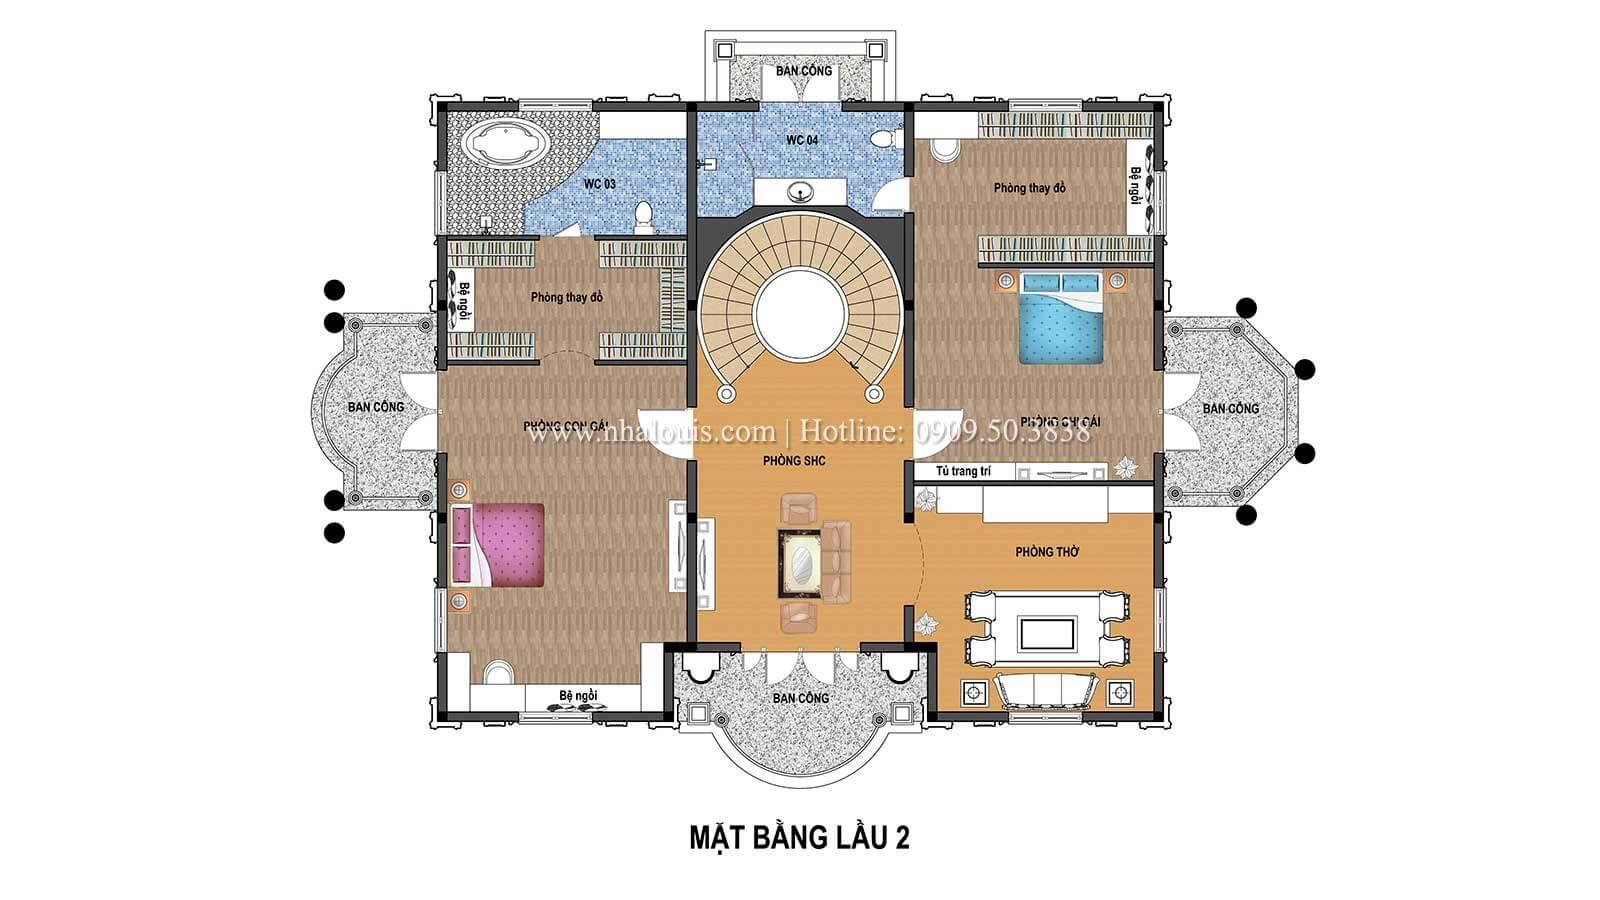 Mặt bằng tầng 2 Thiết kế biệt thự châu âu cổ điển 4 tầng đẳng cấp tại Kiên Giang